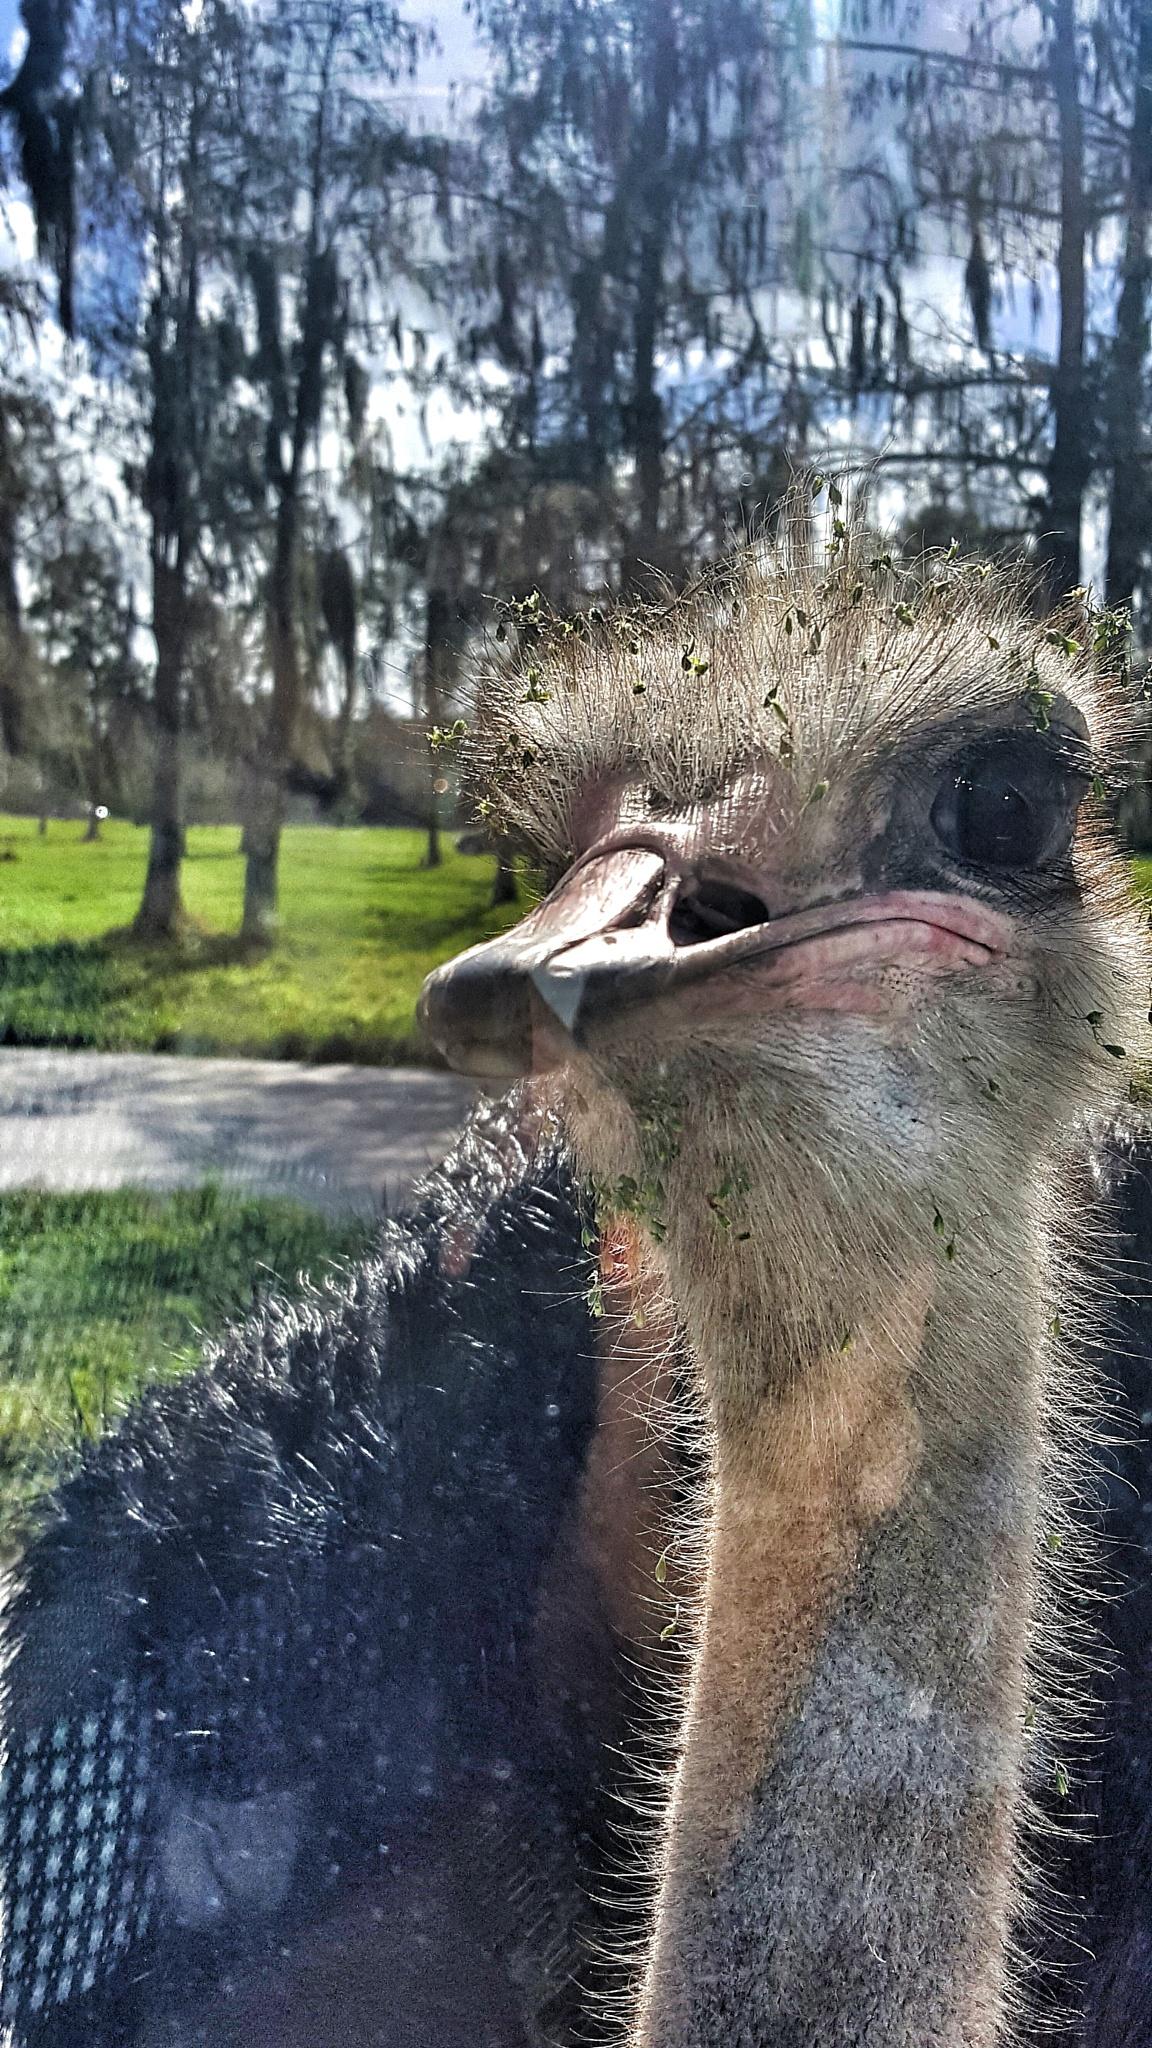 ostrich by Ladymar